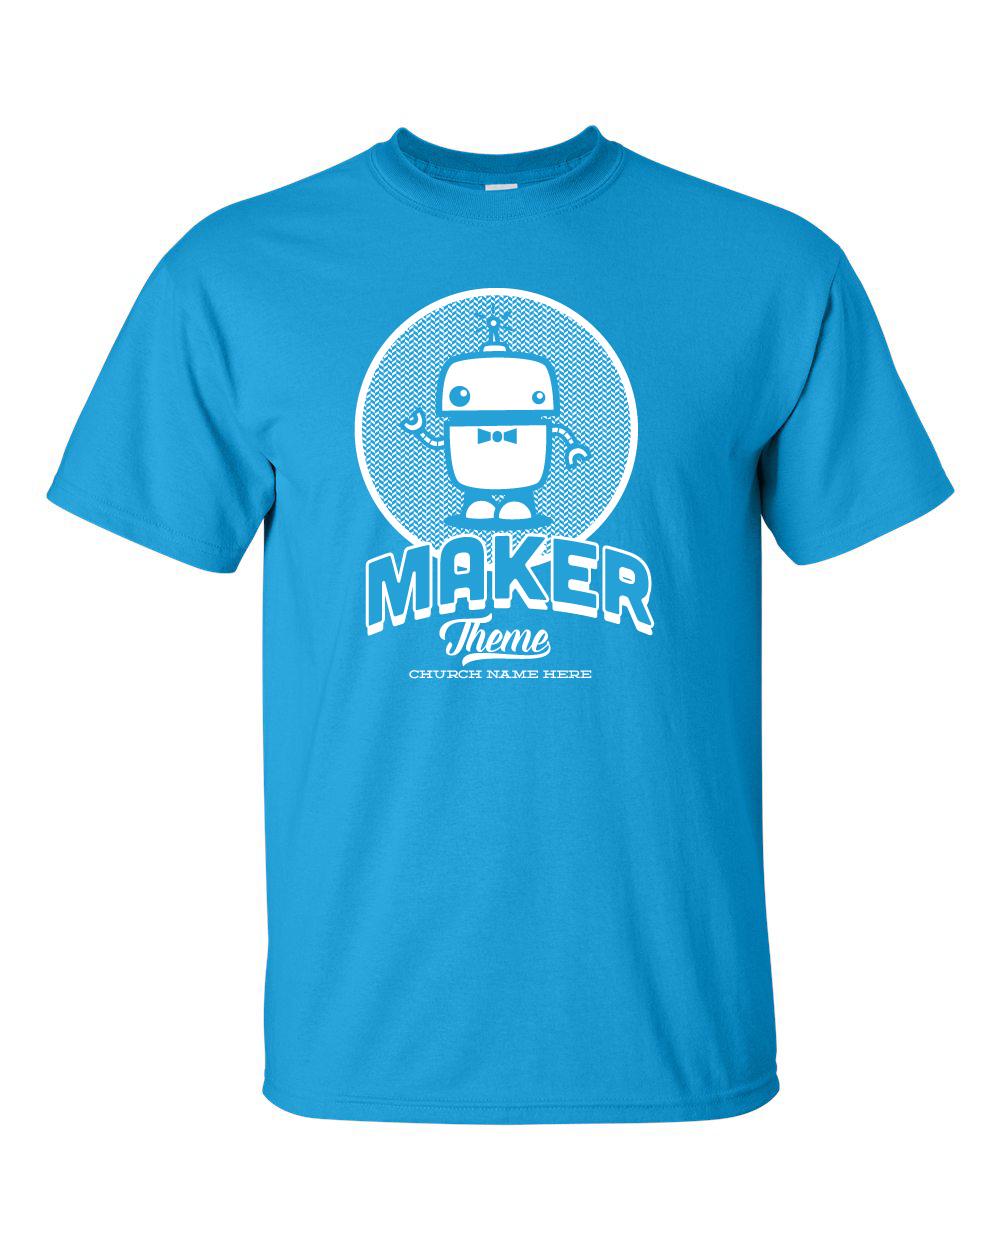 Maker 1-02.jpg